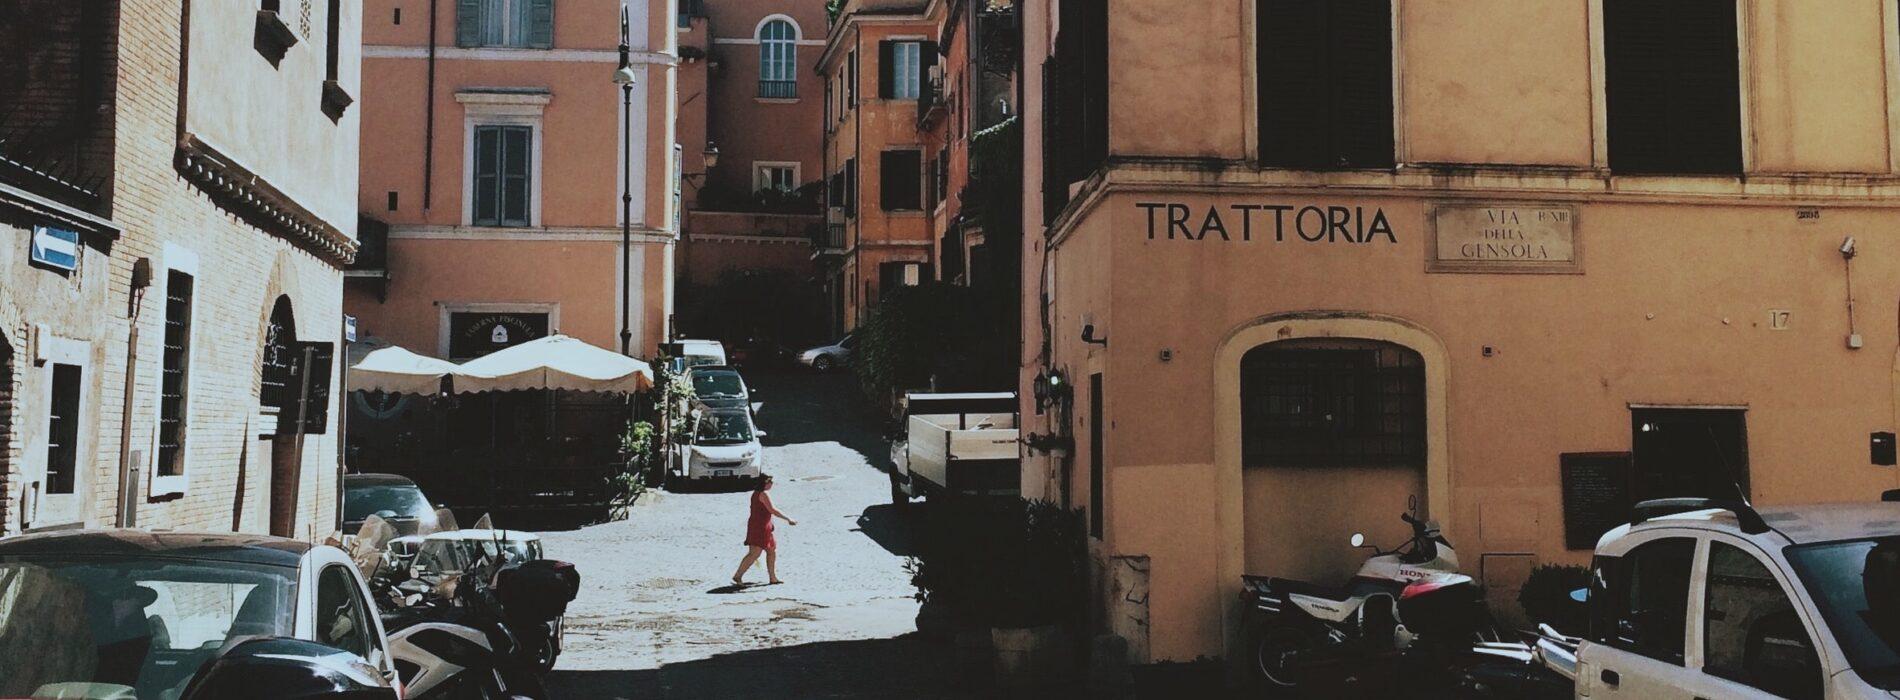 Dove mangiare e bere a Trastevere, guida sincera alla rinascita di un quartiere tra botteghe e ristoranti tourist-free